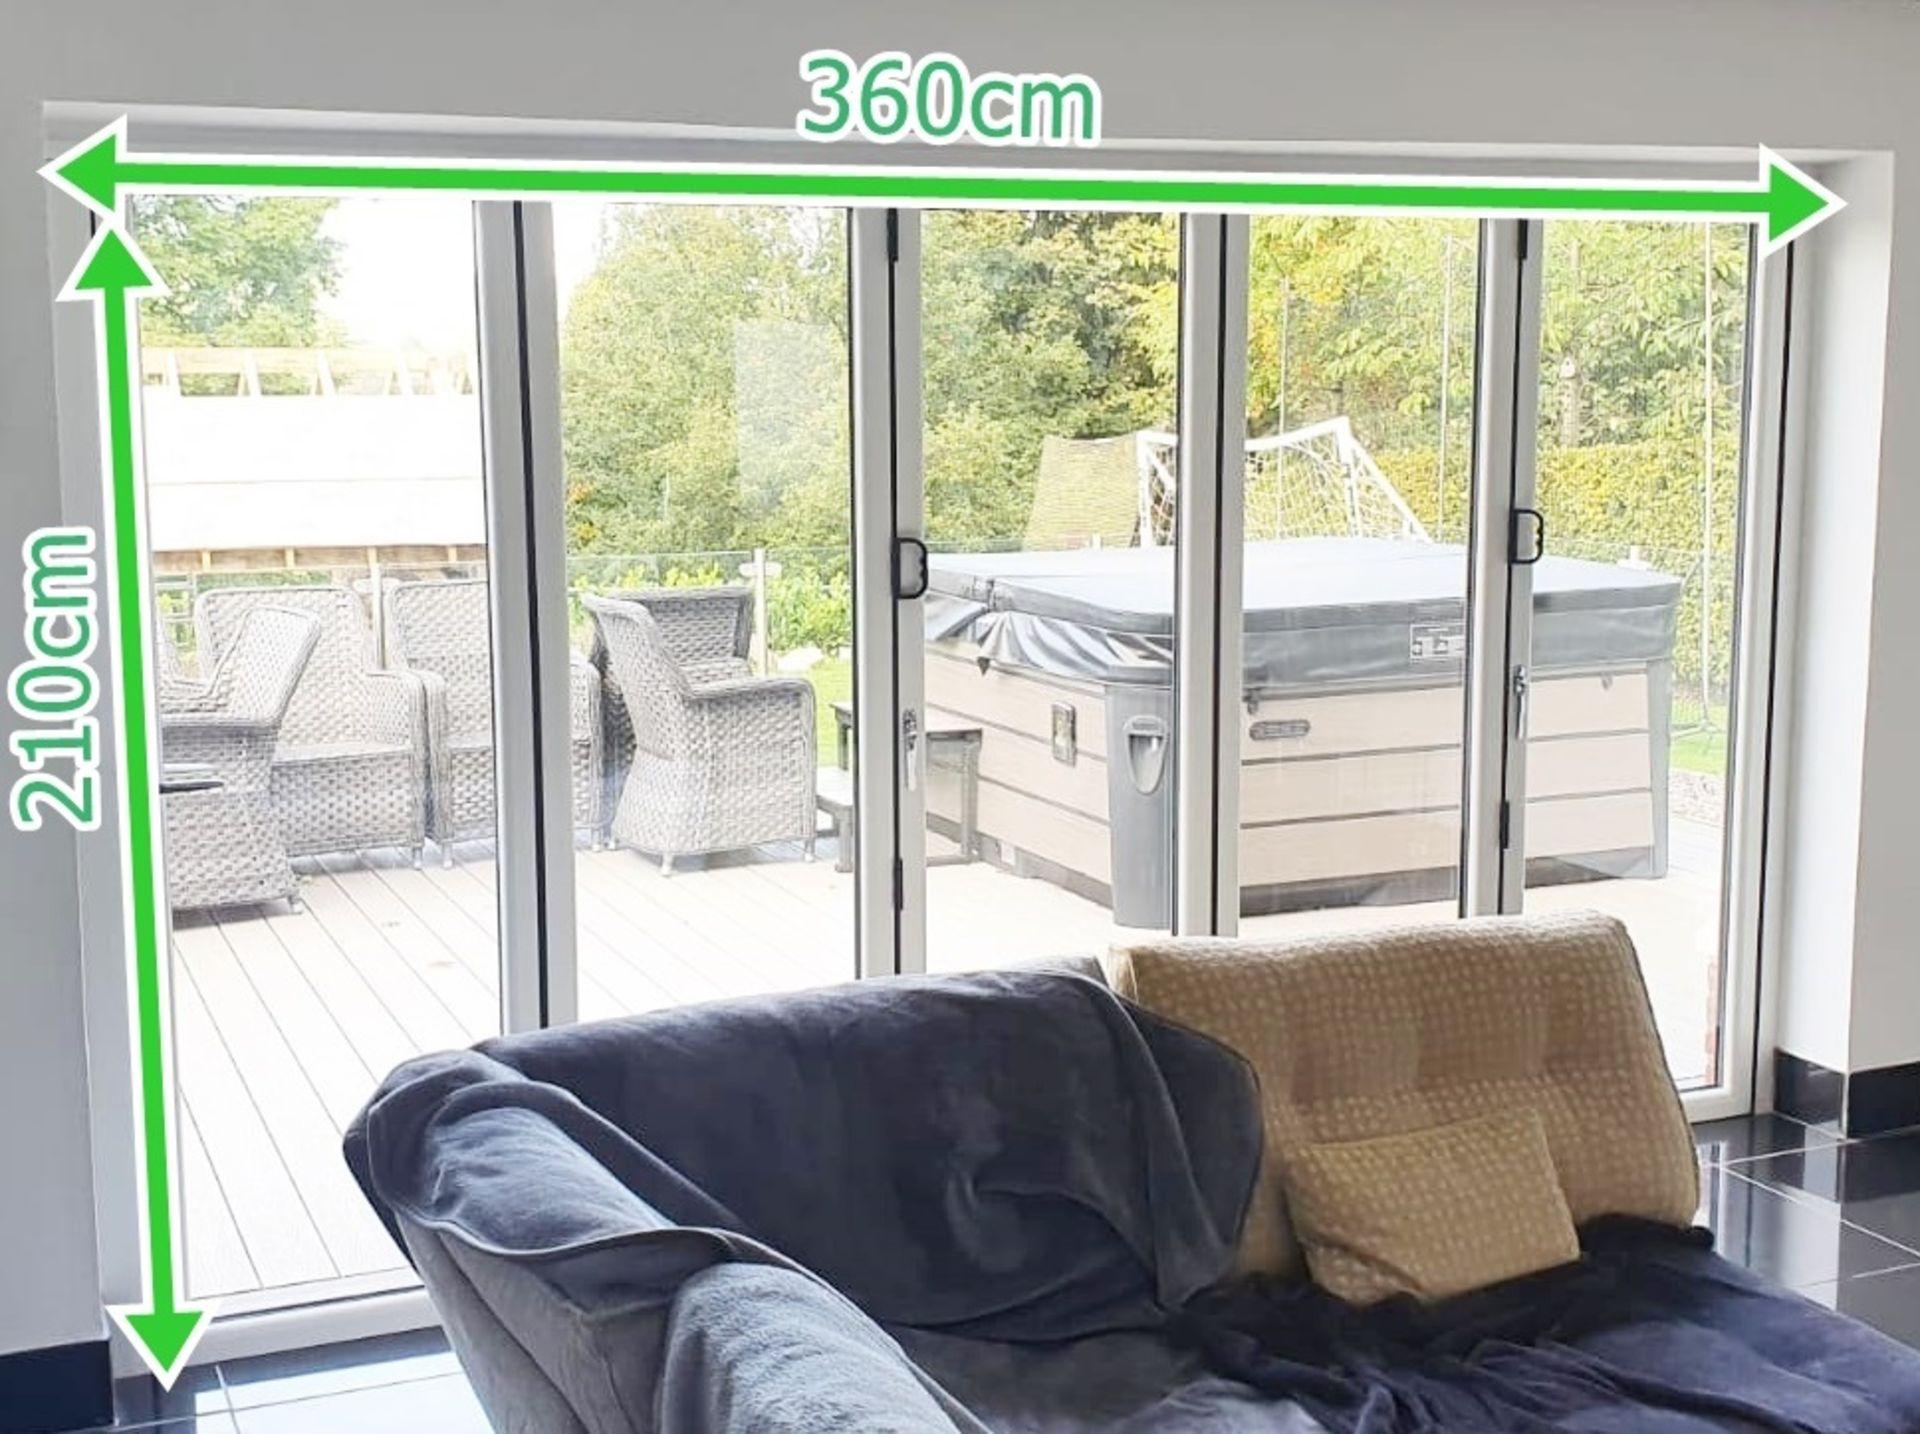 1 x Slide And Fold Bi Fold Doors Including Frames - CL685 - Location: Blackburn BB6 - NO VAT On - Image 5 of 7